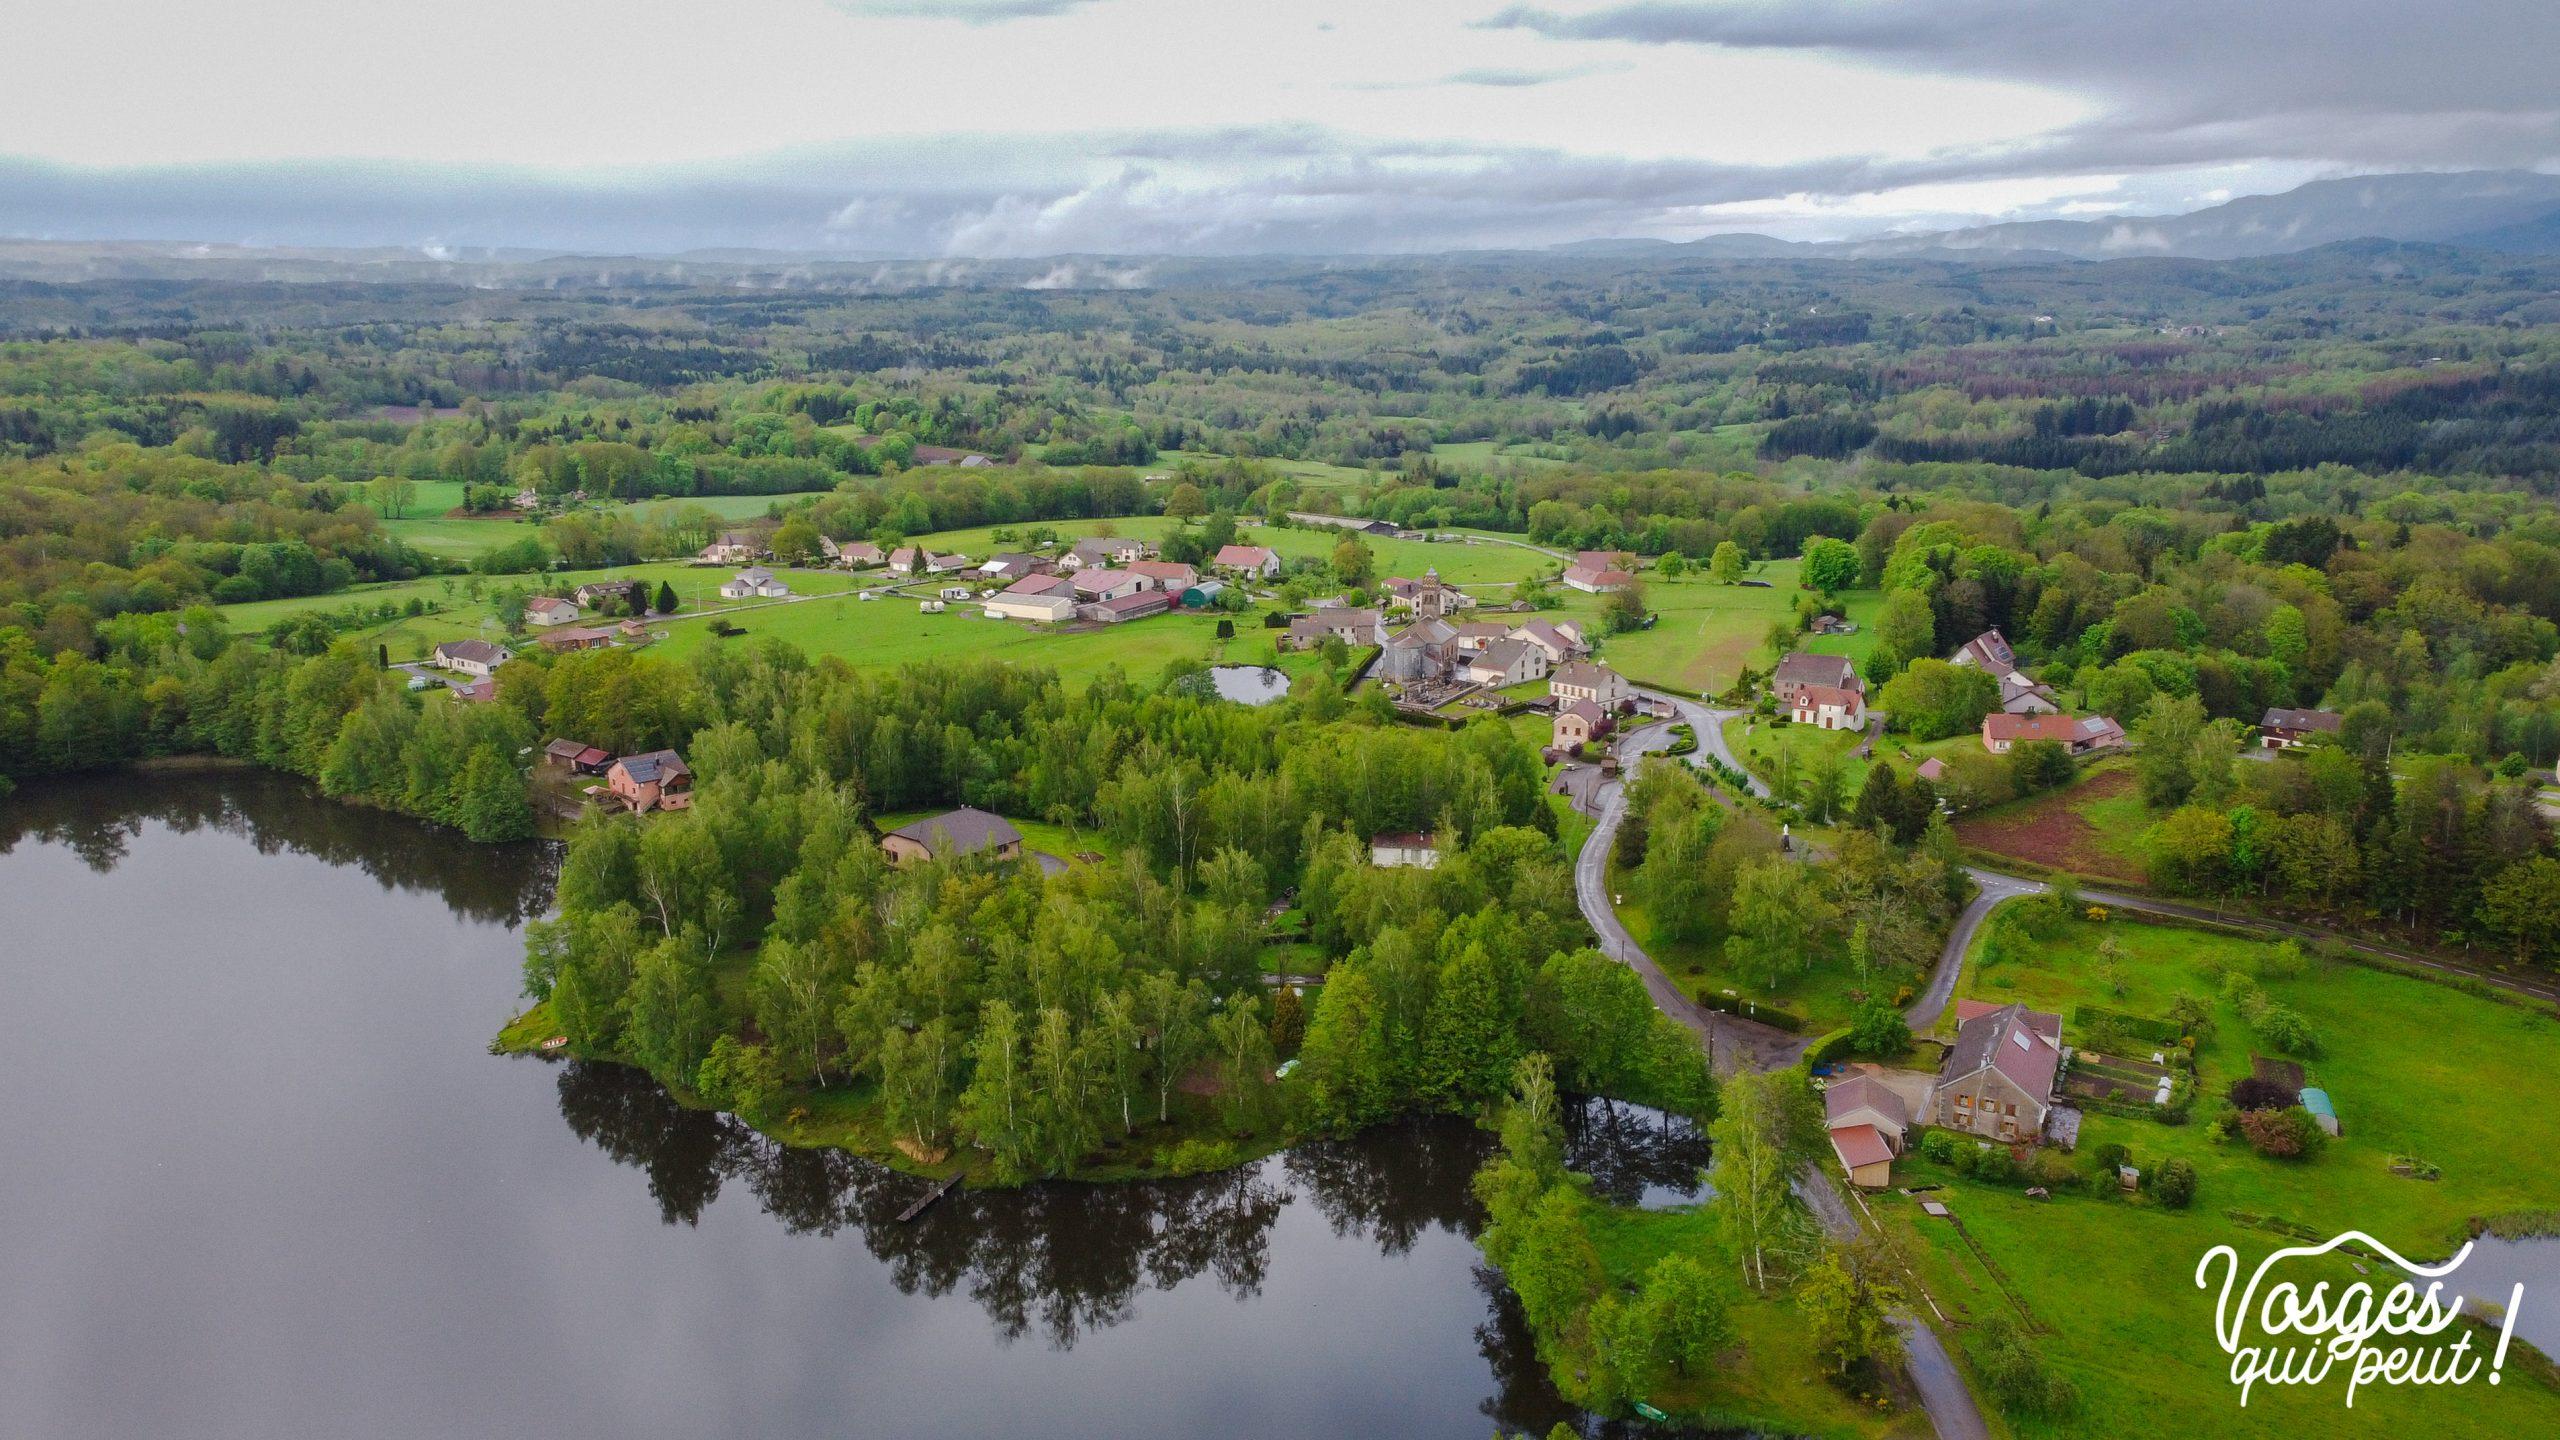 Vue aérienne d'Écromagny dans le Massif des Vosges